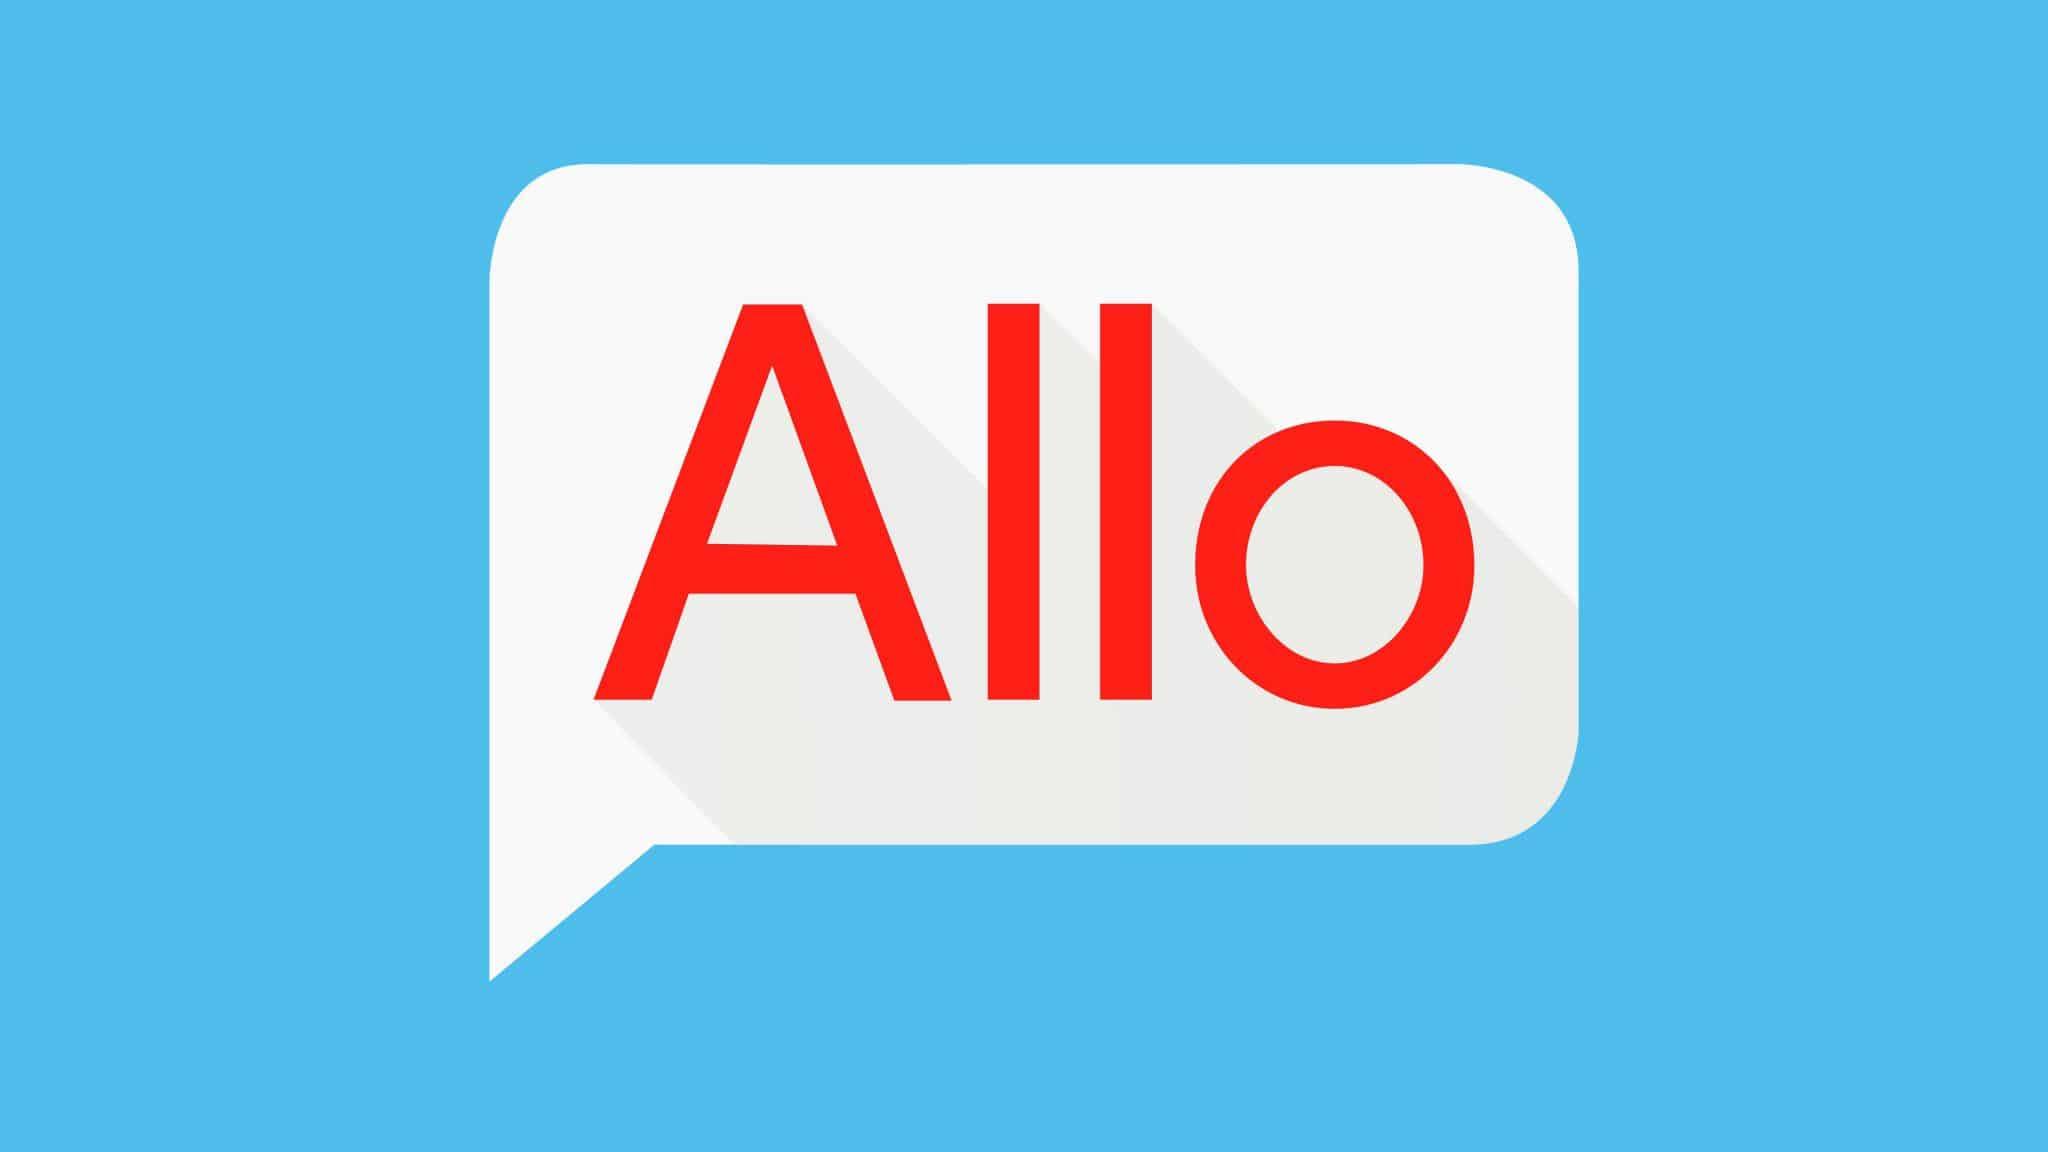 Google Allo : la nouvelle appli de messagerie instantanée 1